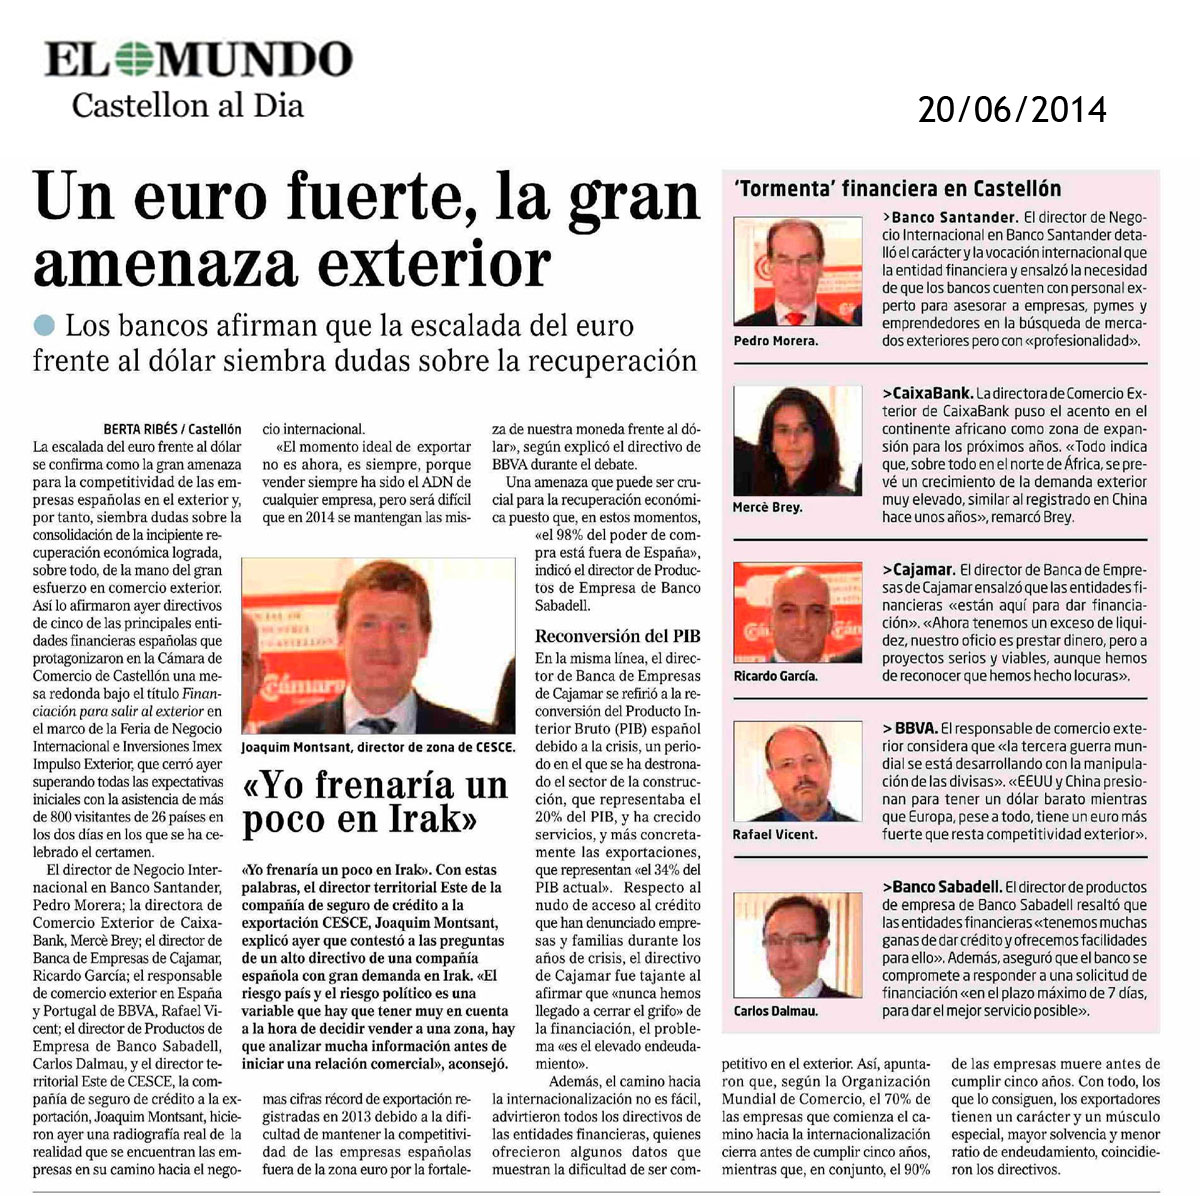 i14-cv-p-200614-elmundo